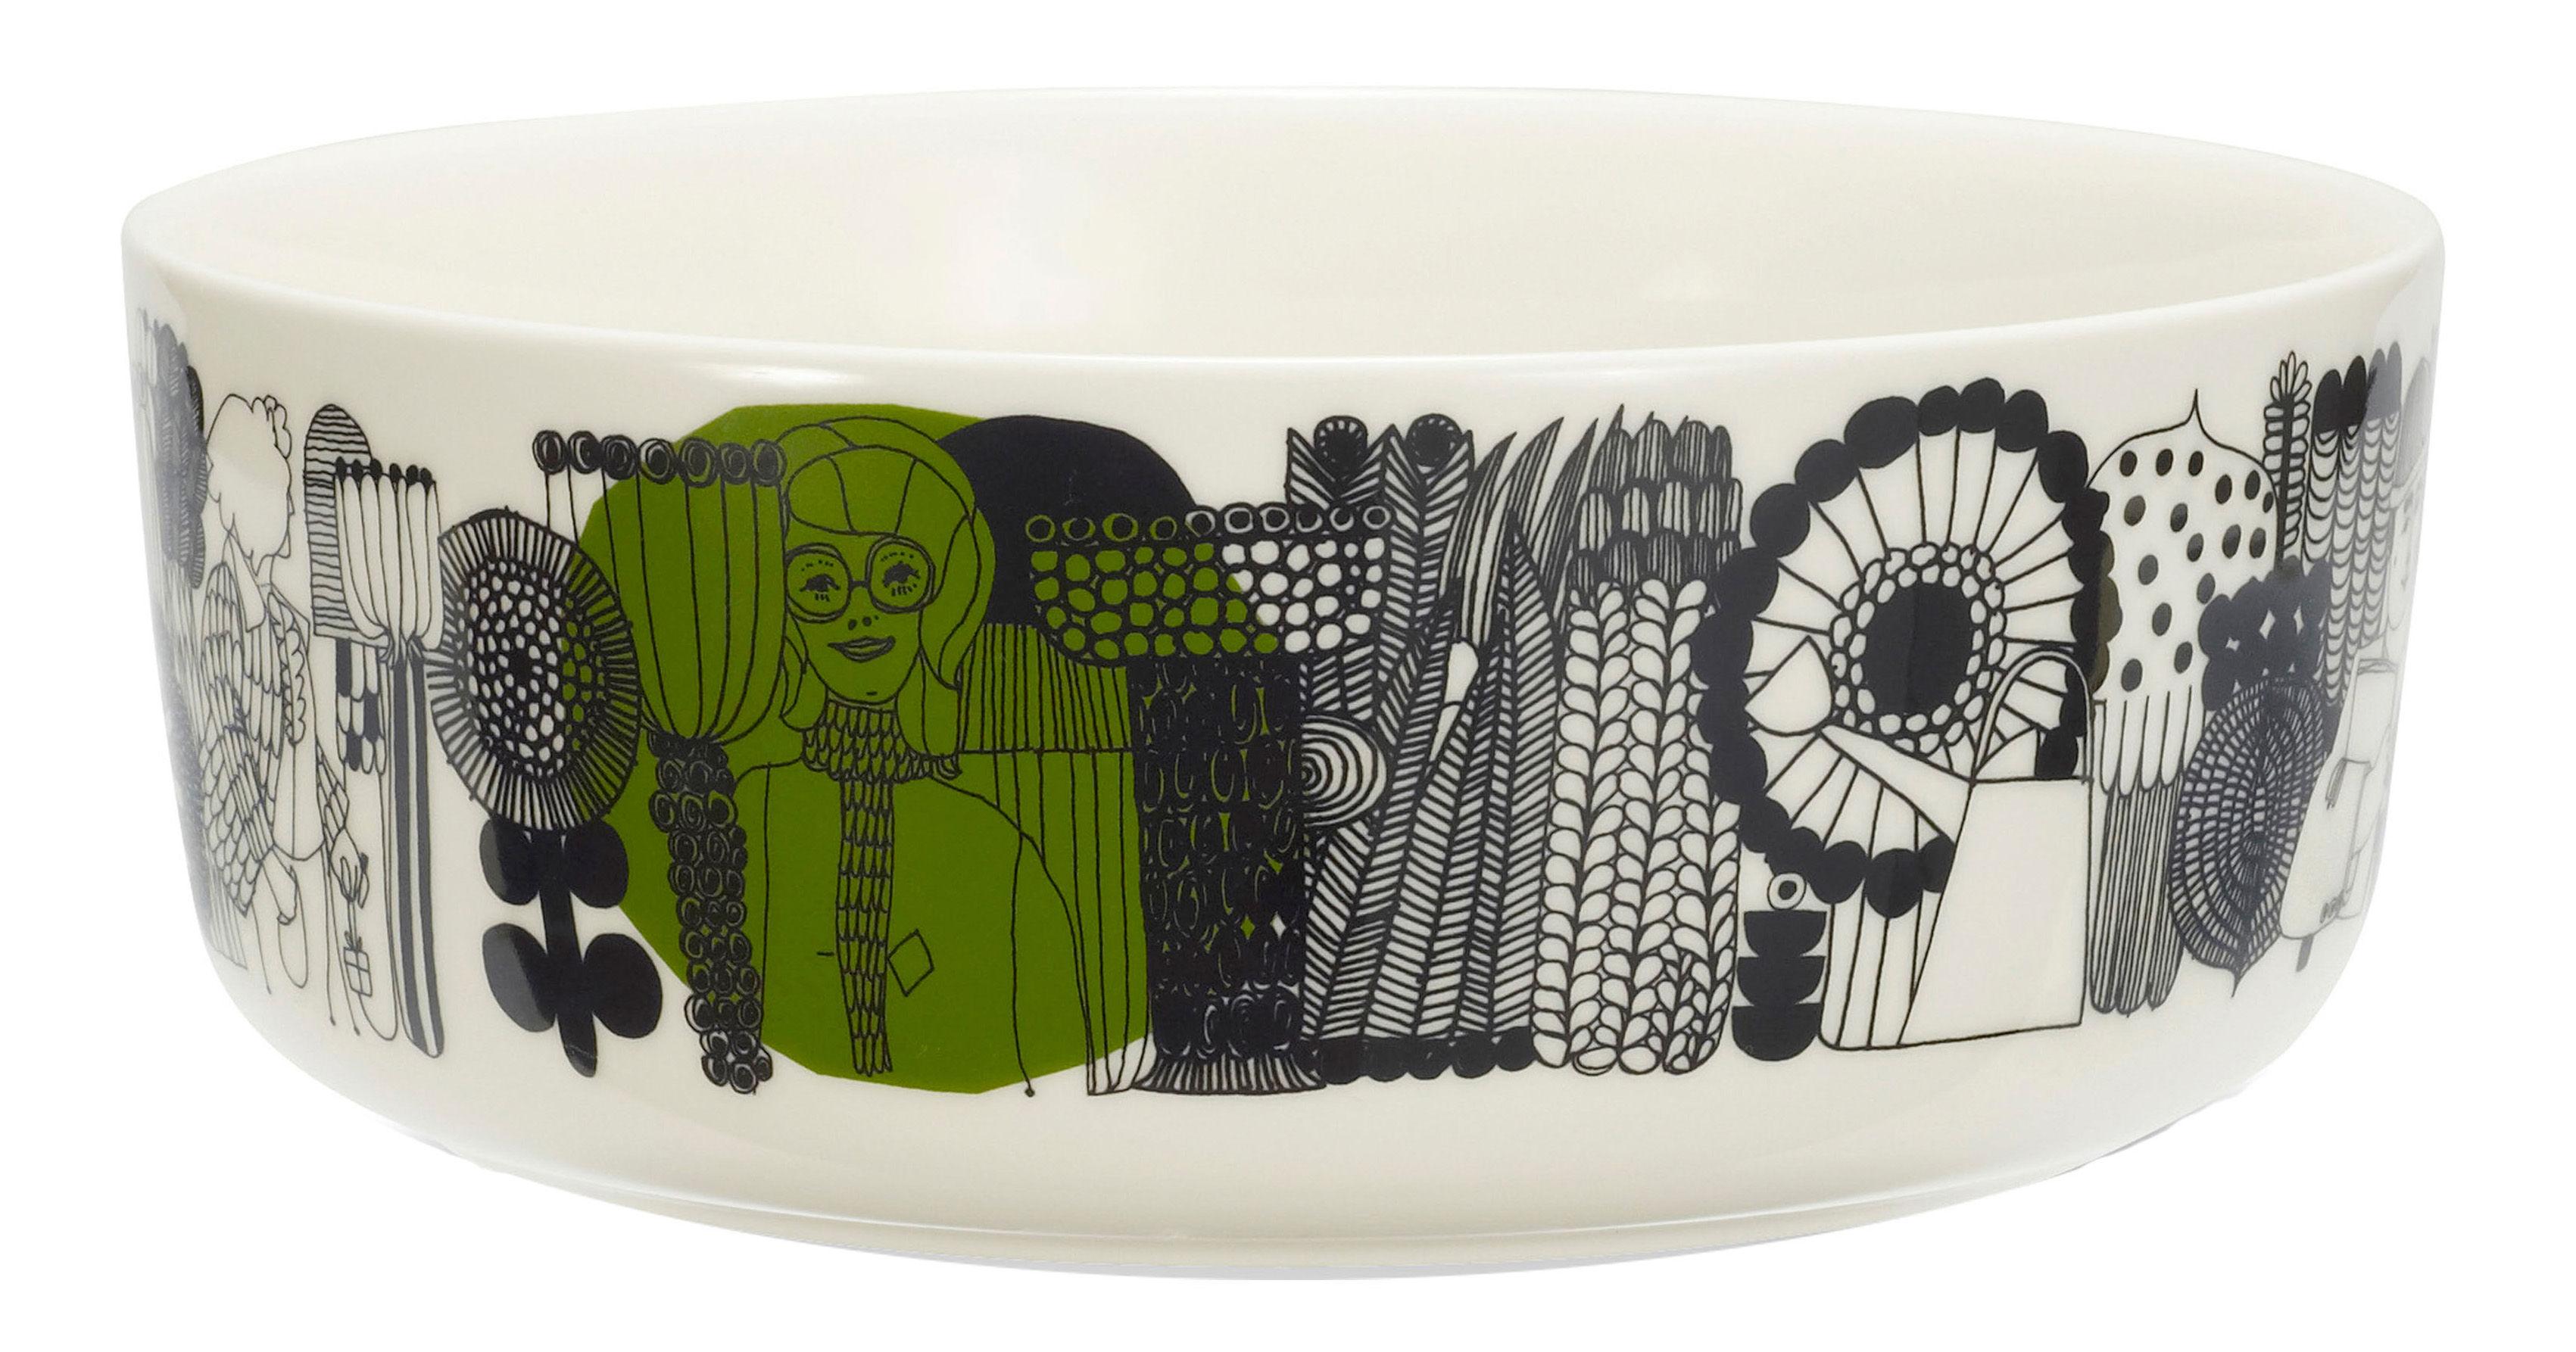 Tischkultur - Salatschüsseln und Schalen - Siirtolapuutarha Schale Ø 20 cm - Marimekko - Ø 20 cm - Siirtolapuutarha - Weiß & blau - emailliertes Porzellan